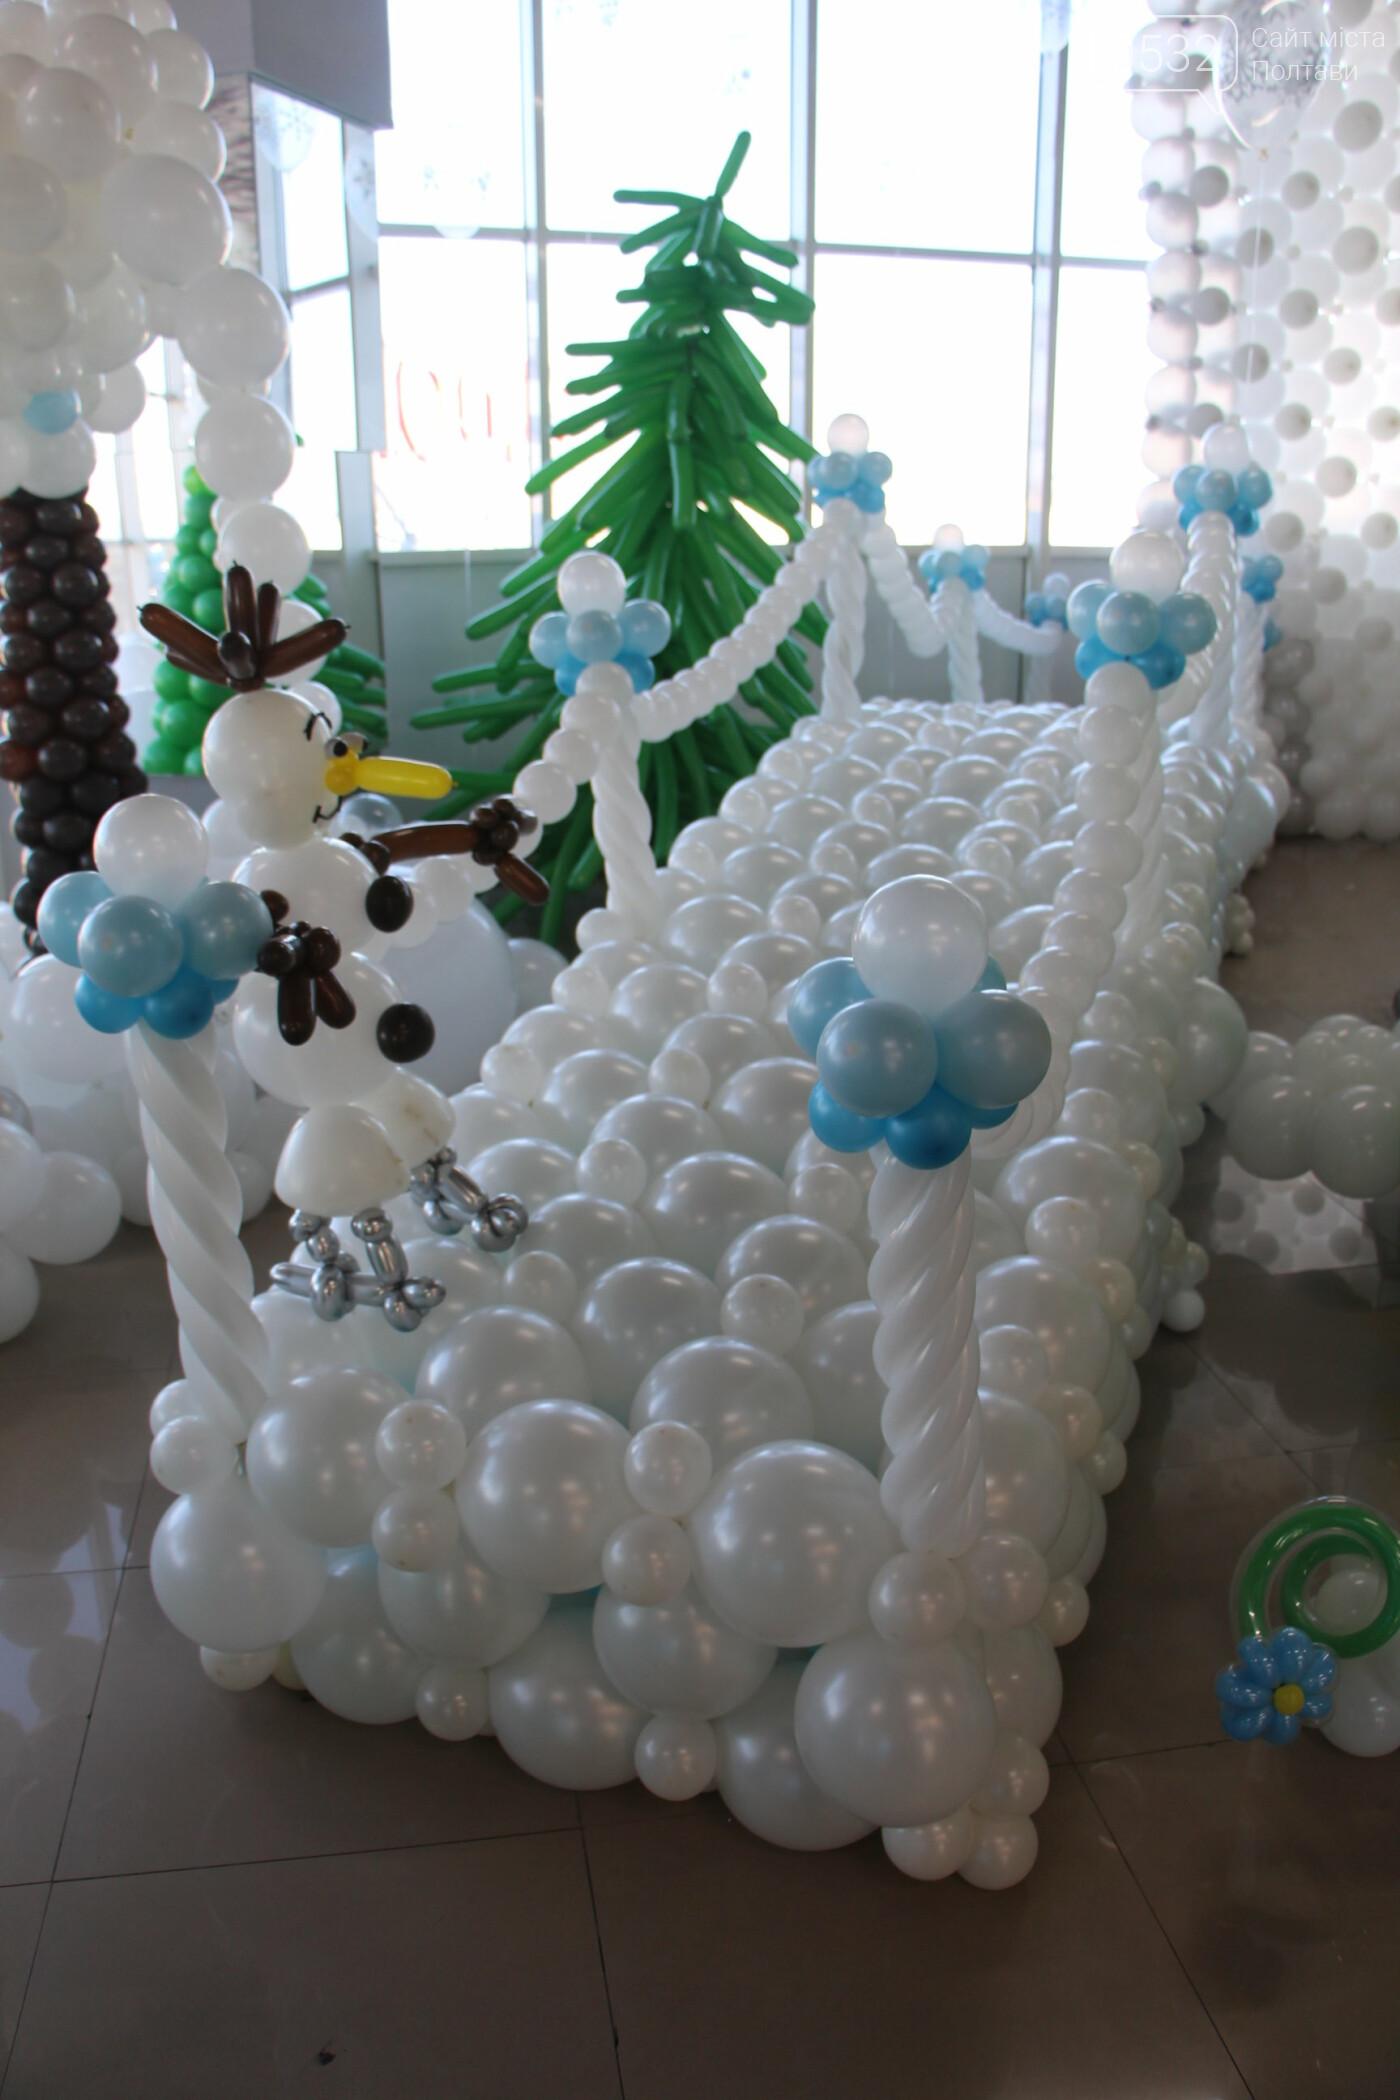 У Полтаві для дітей влаштували «Зимову казку» з повітряних кульок (ФОТО), фото-7